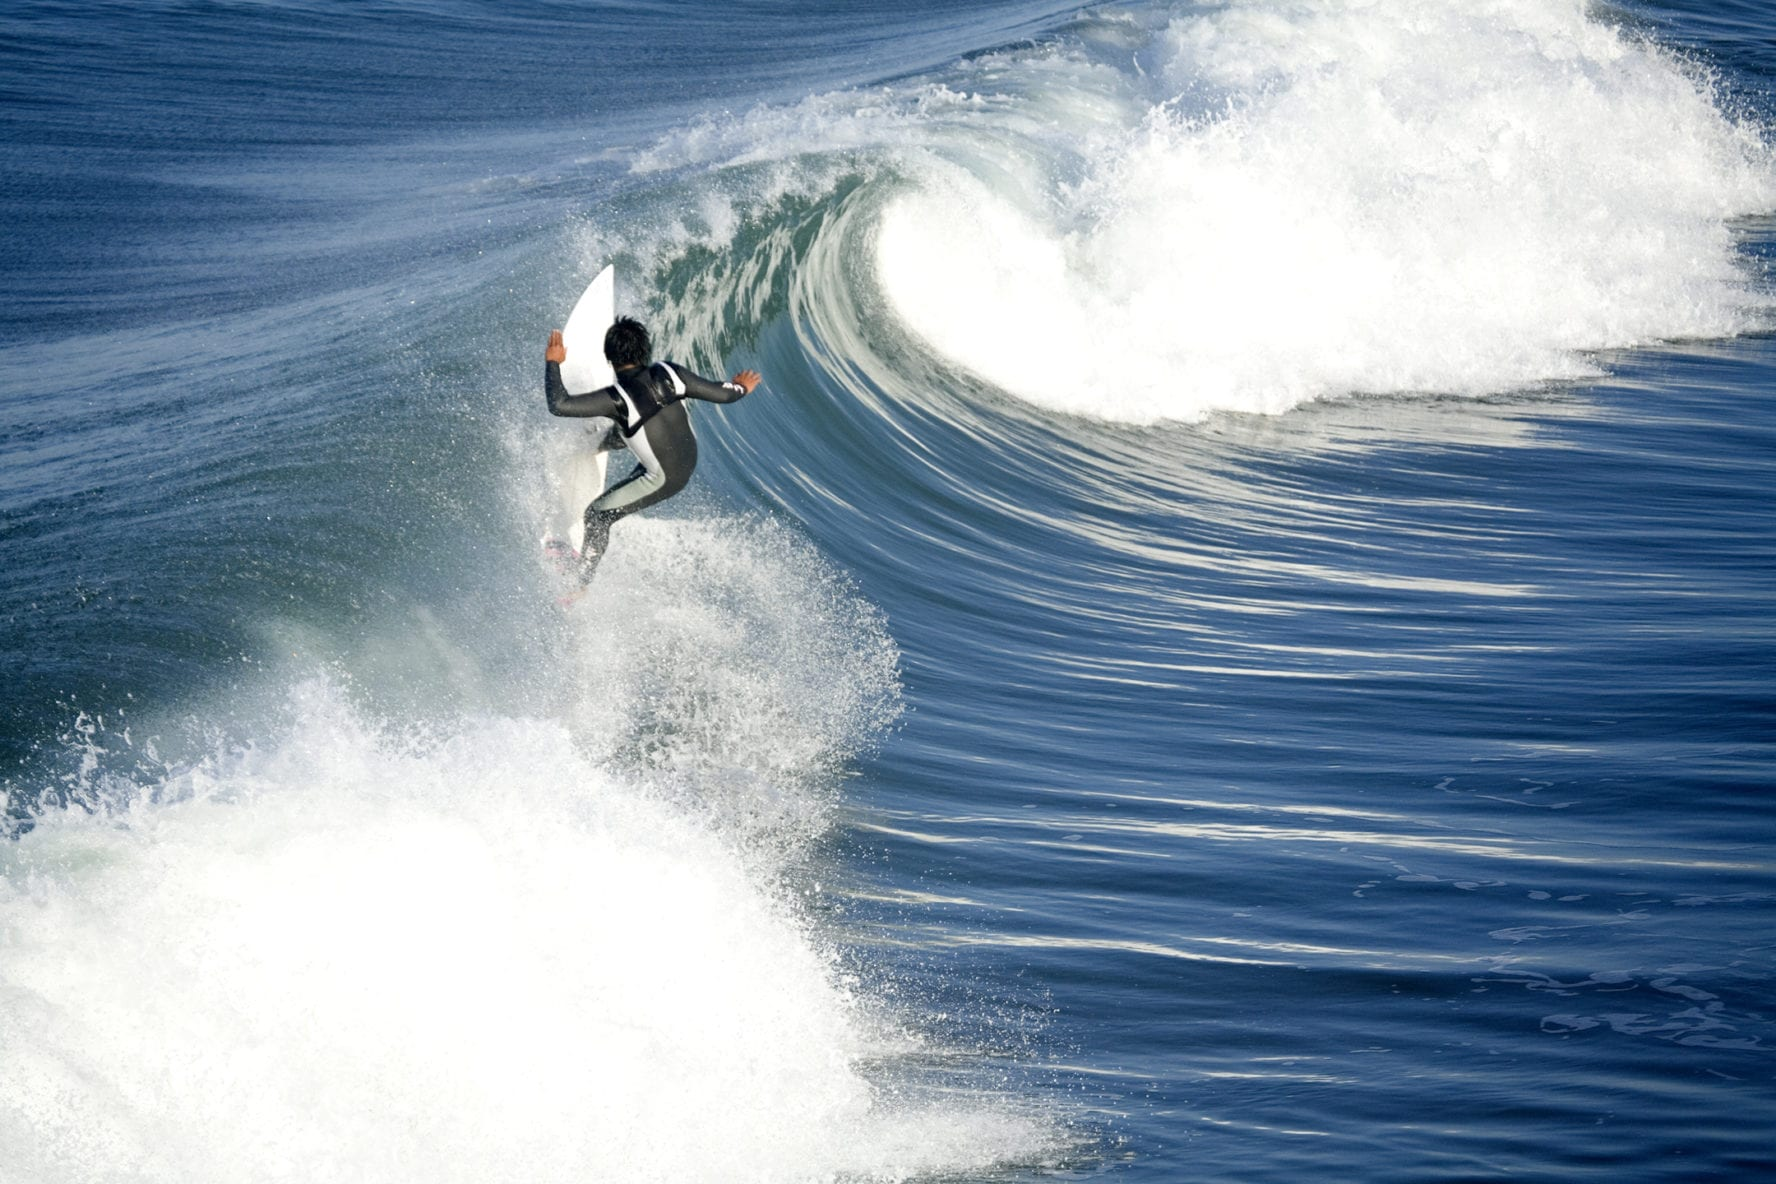 San Clemente surfing